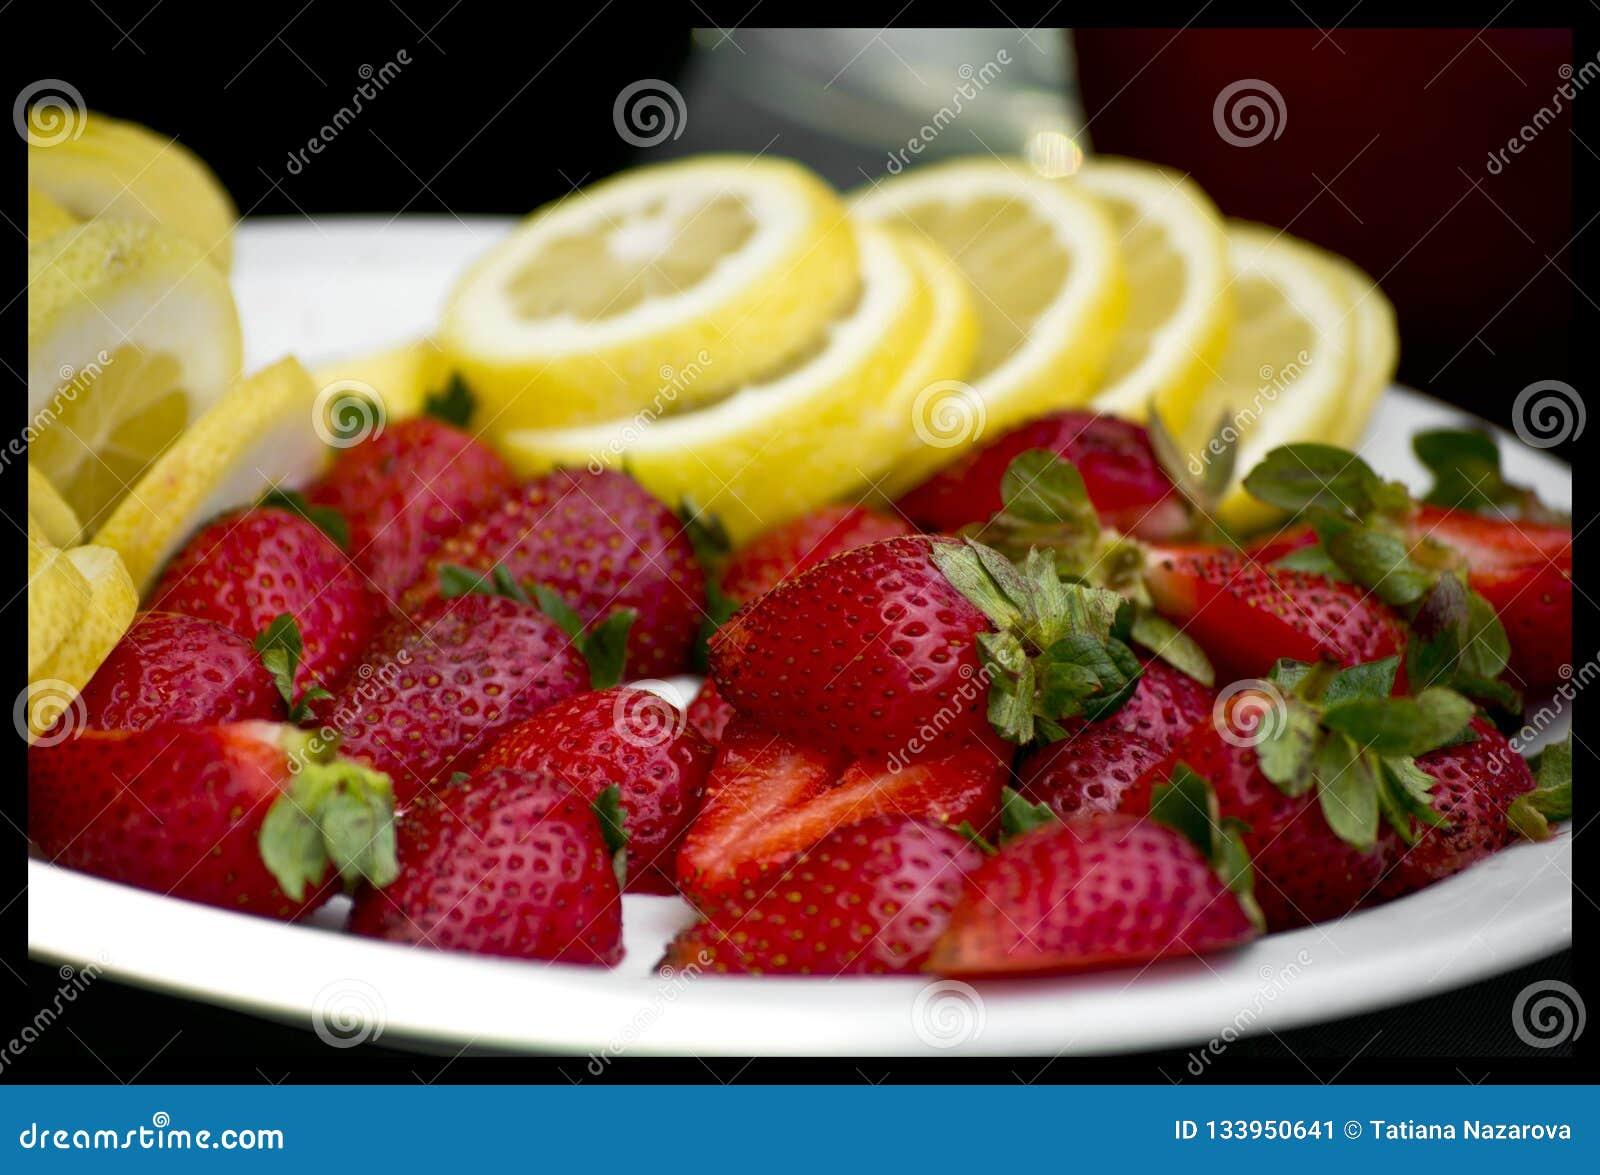 Jordgubbar och citron på en platta